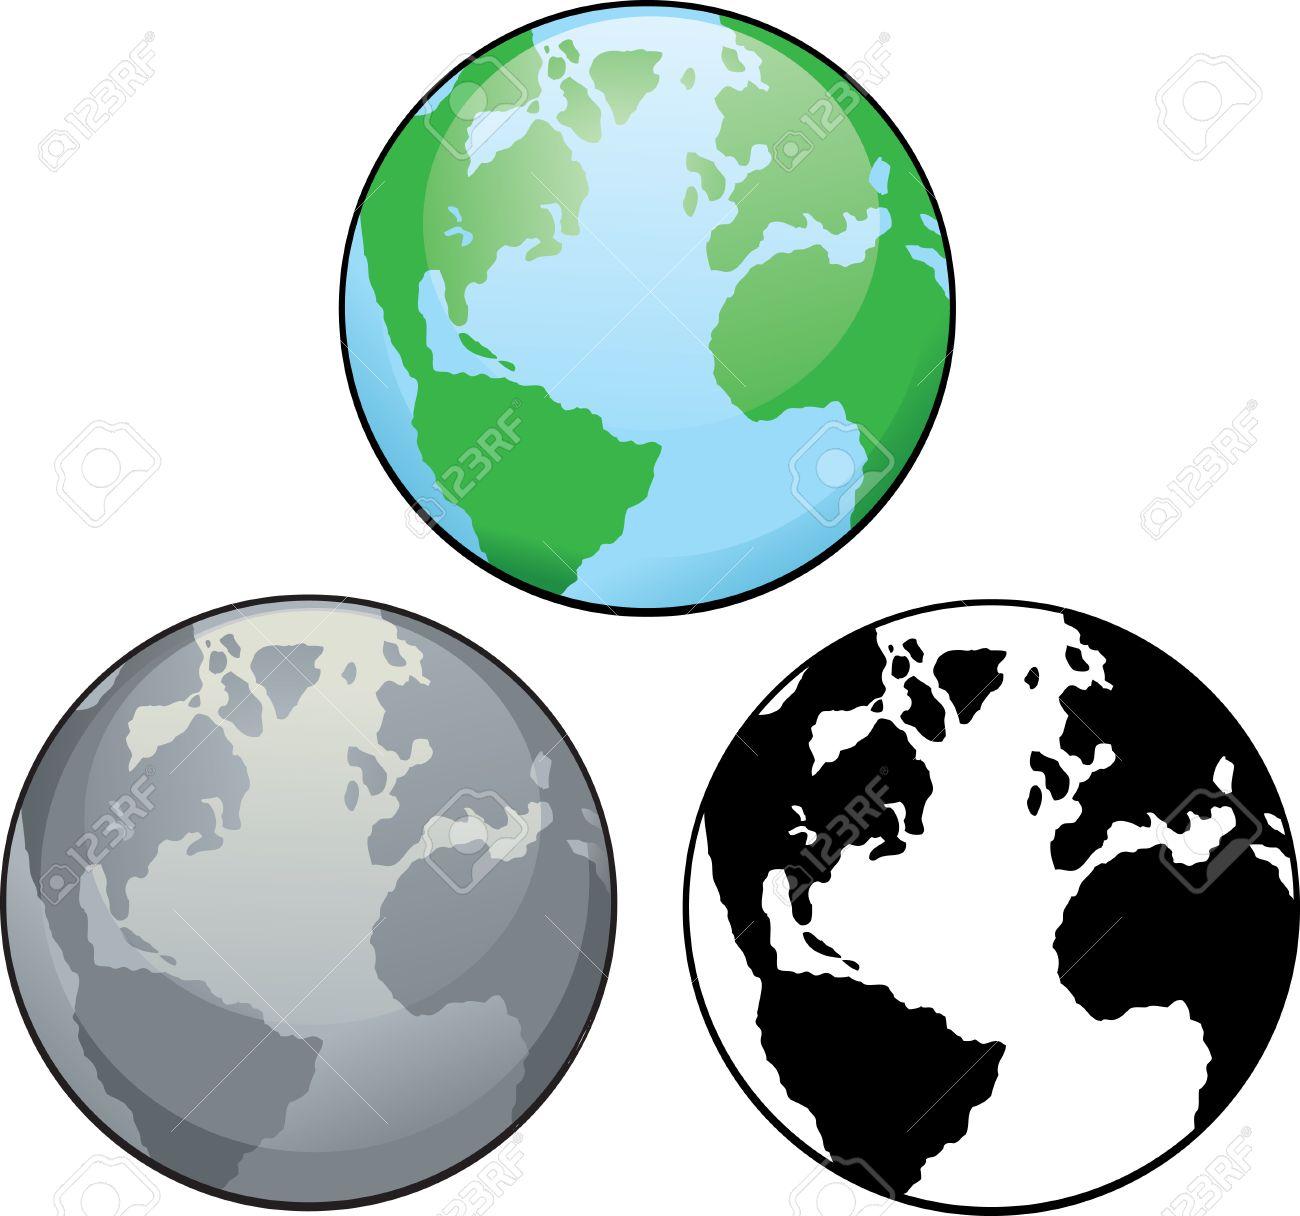 Différents Dessins De La Planète Terre De La Couleur En Noir Et